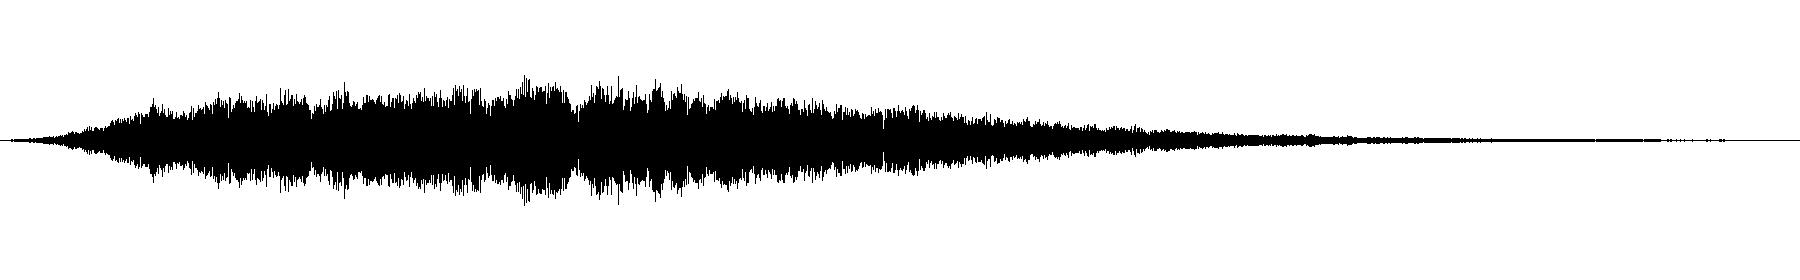 synth choir bsus4